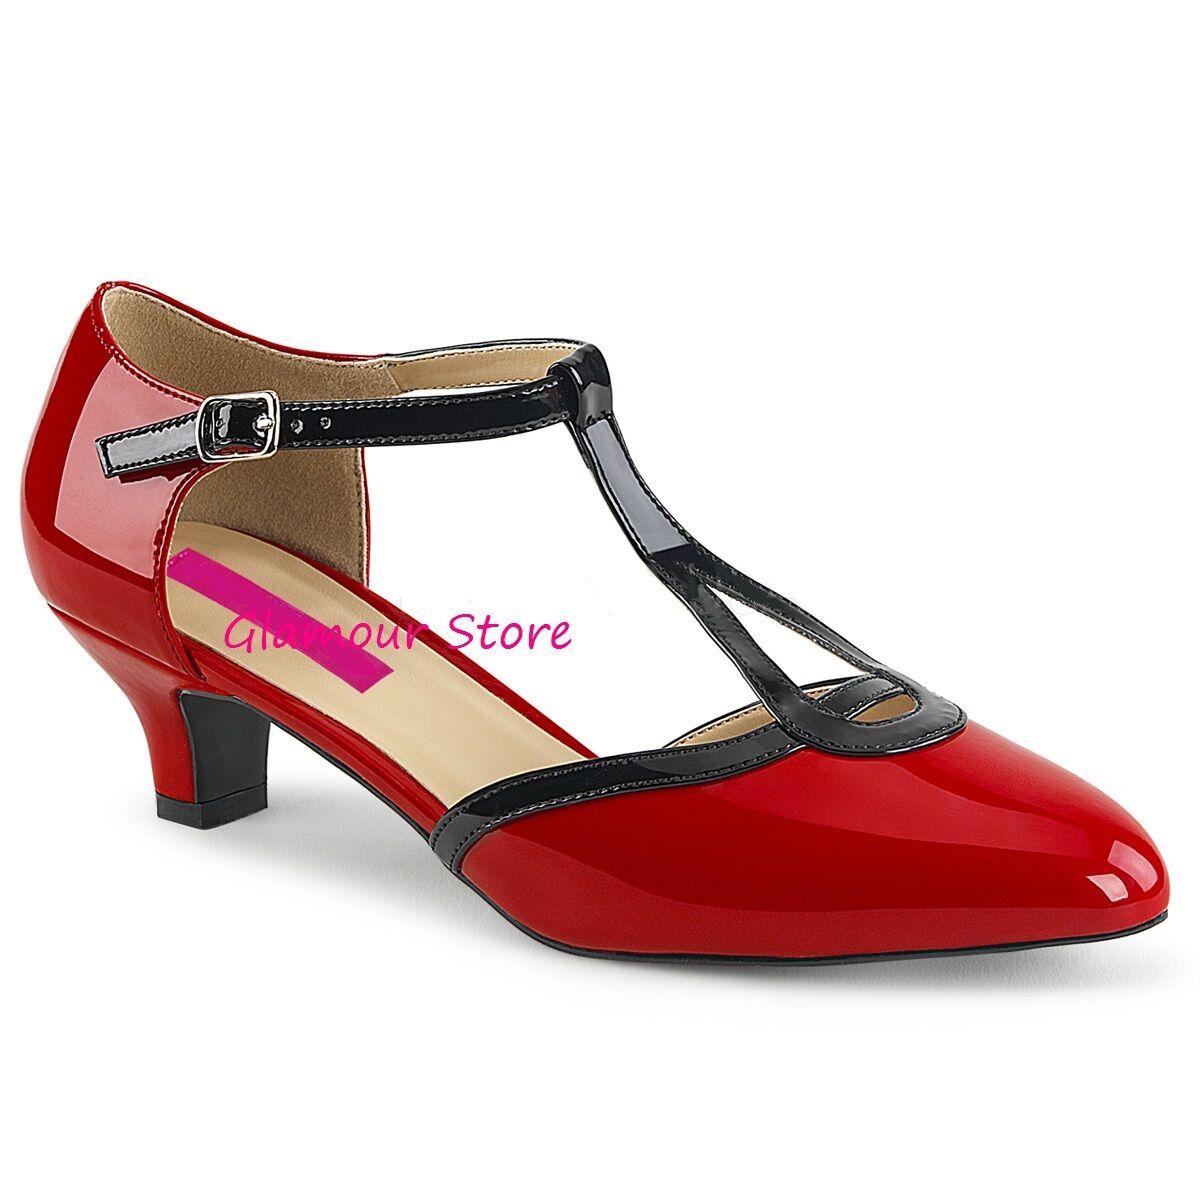 Sexy DECOLTE' tacco 5 cm ROSSO/NERO dal 46 39 al 46 dal cinturino scarpe GLAMOUR chic 75d370